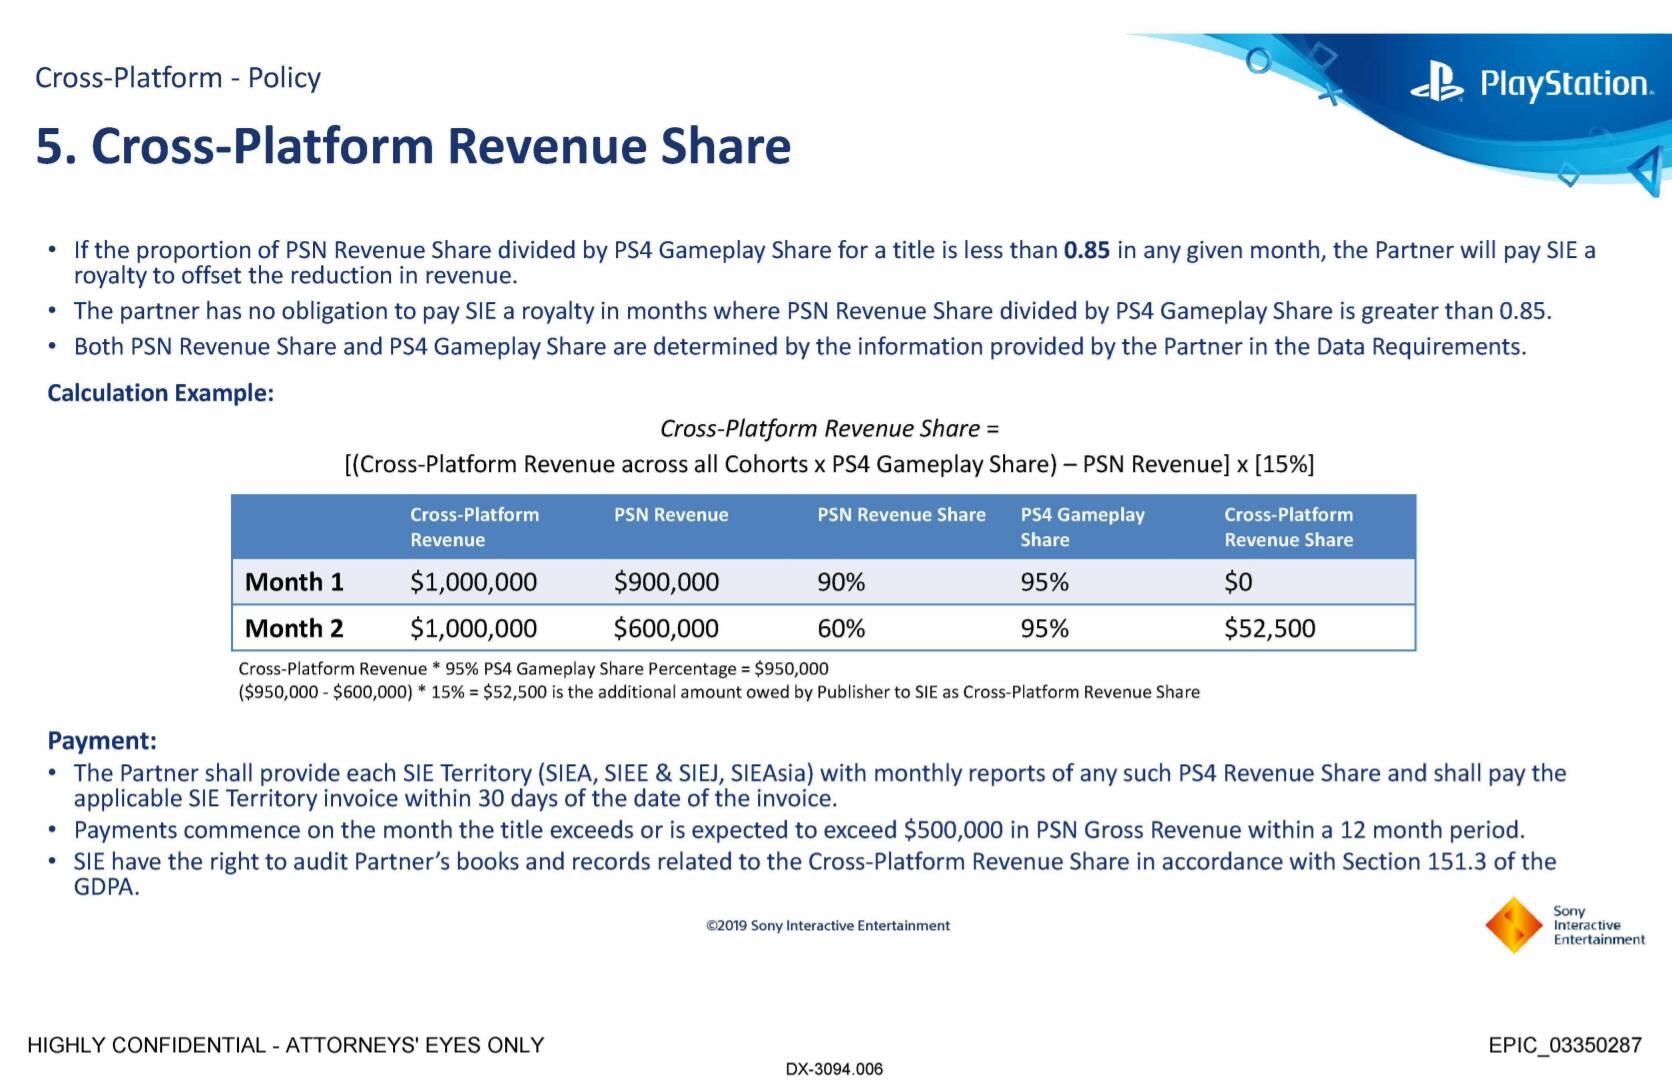 Cross-Platform Revenue Share